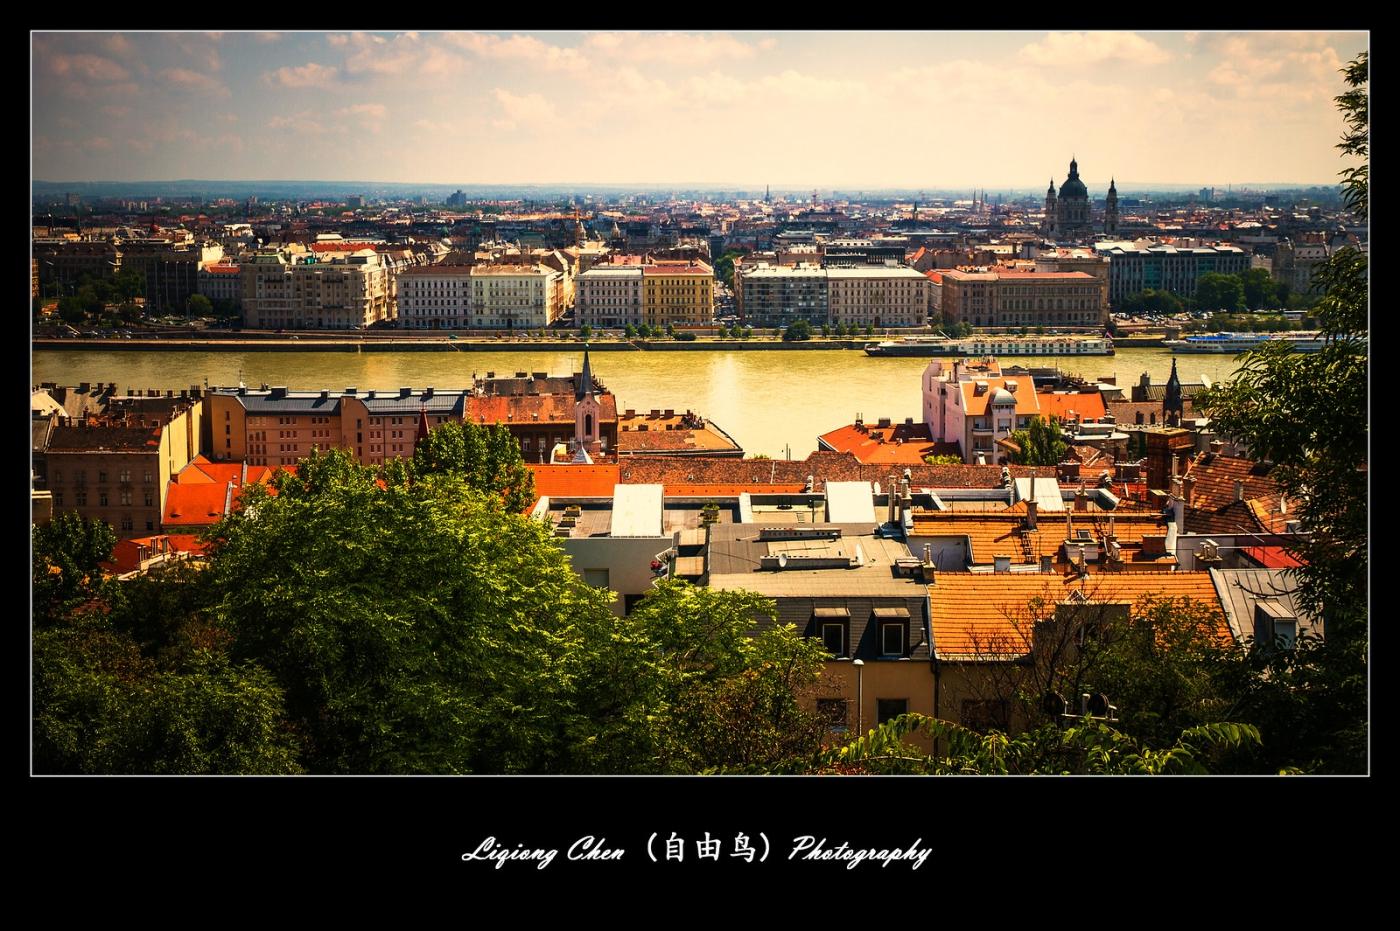 俯瞰布达佩斯,独一无二_图1-3